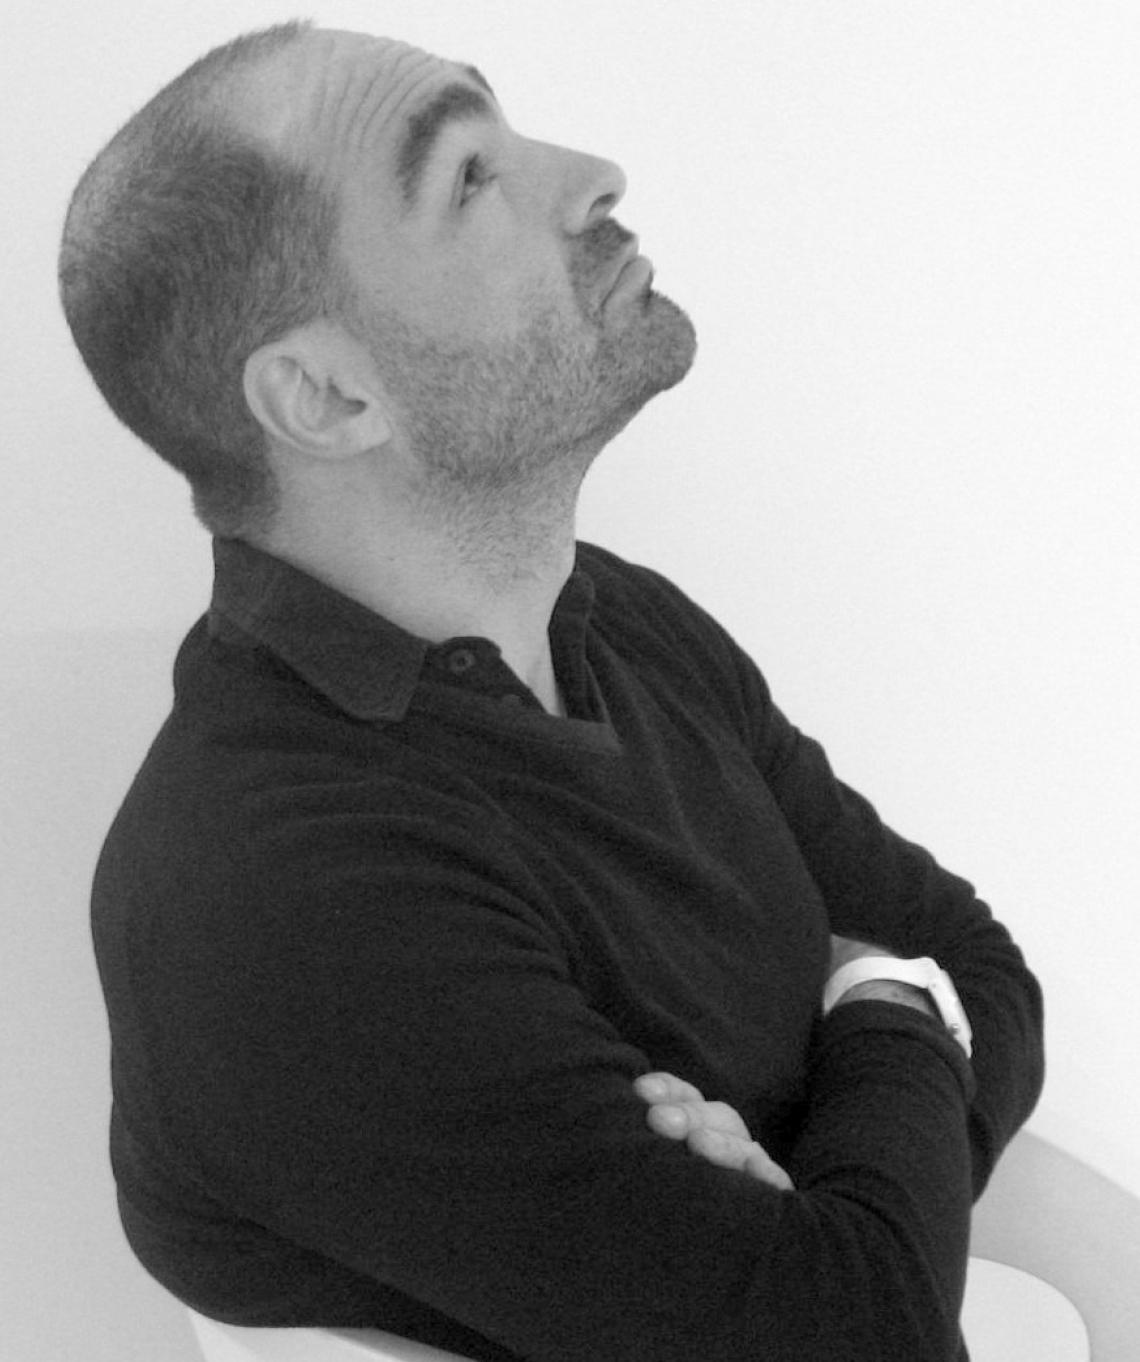 Designer Massimo Cavana